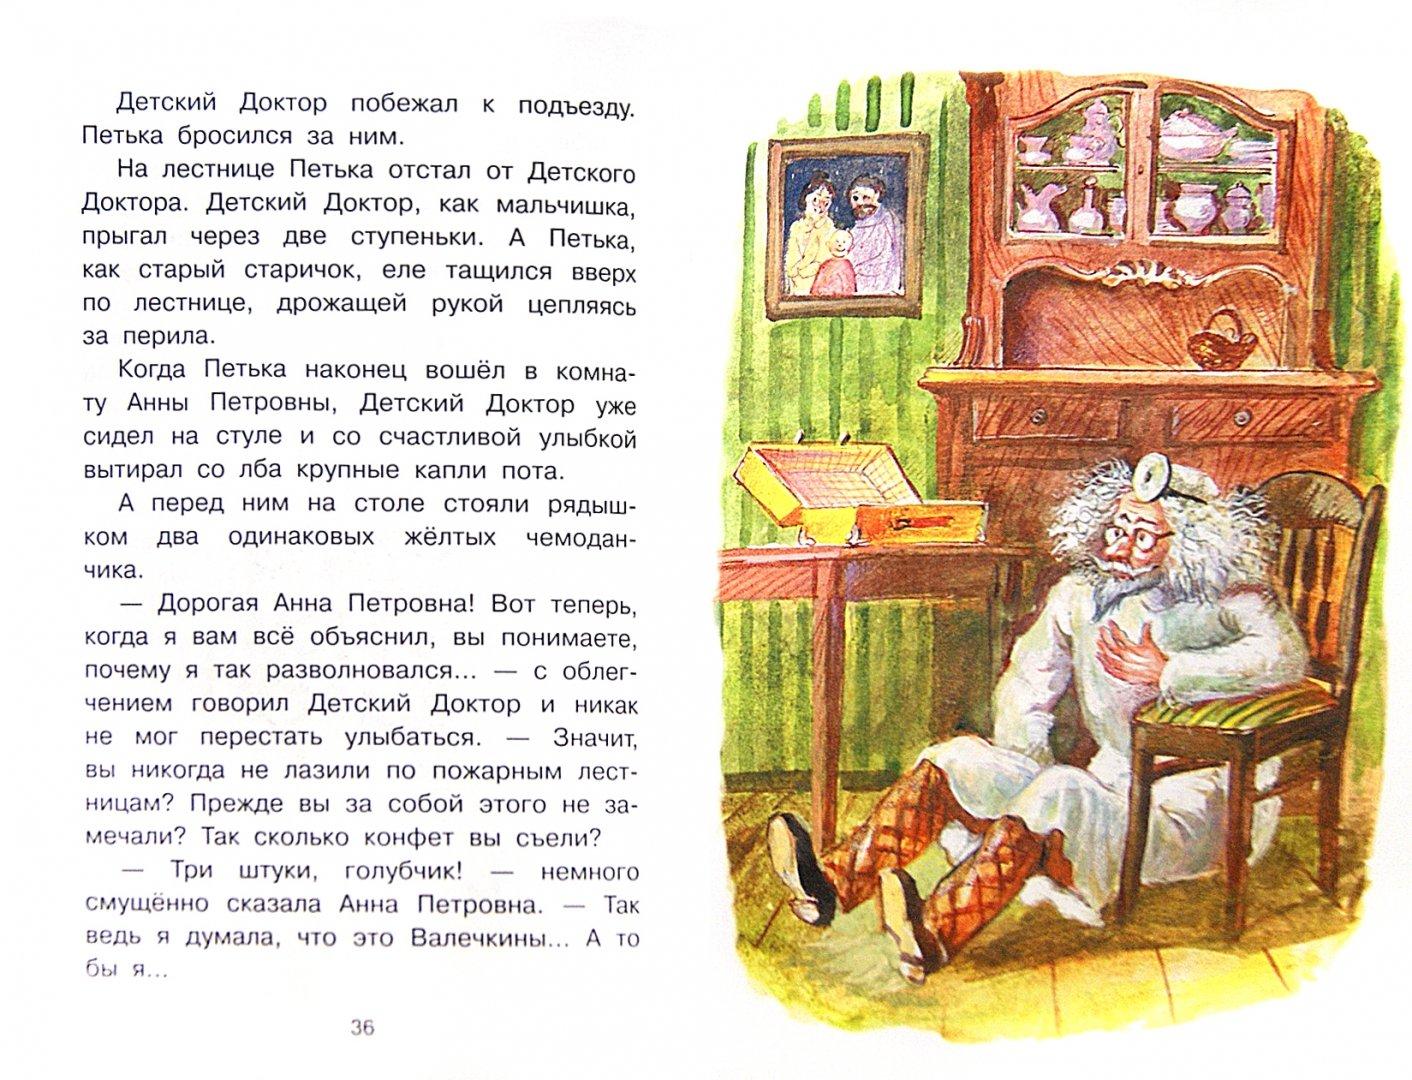 Иллюстрация 1 из 50 для Приключения жёлтого чемоданчика - Софья Прокофьева   Лабиринт - книги. Источник: Лабиринт